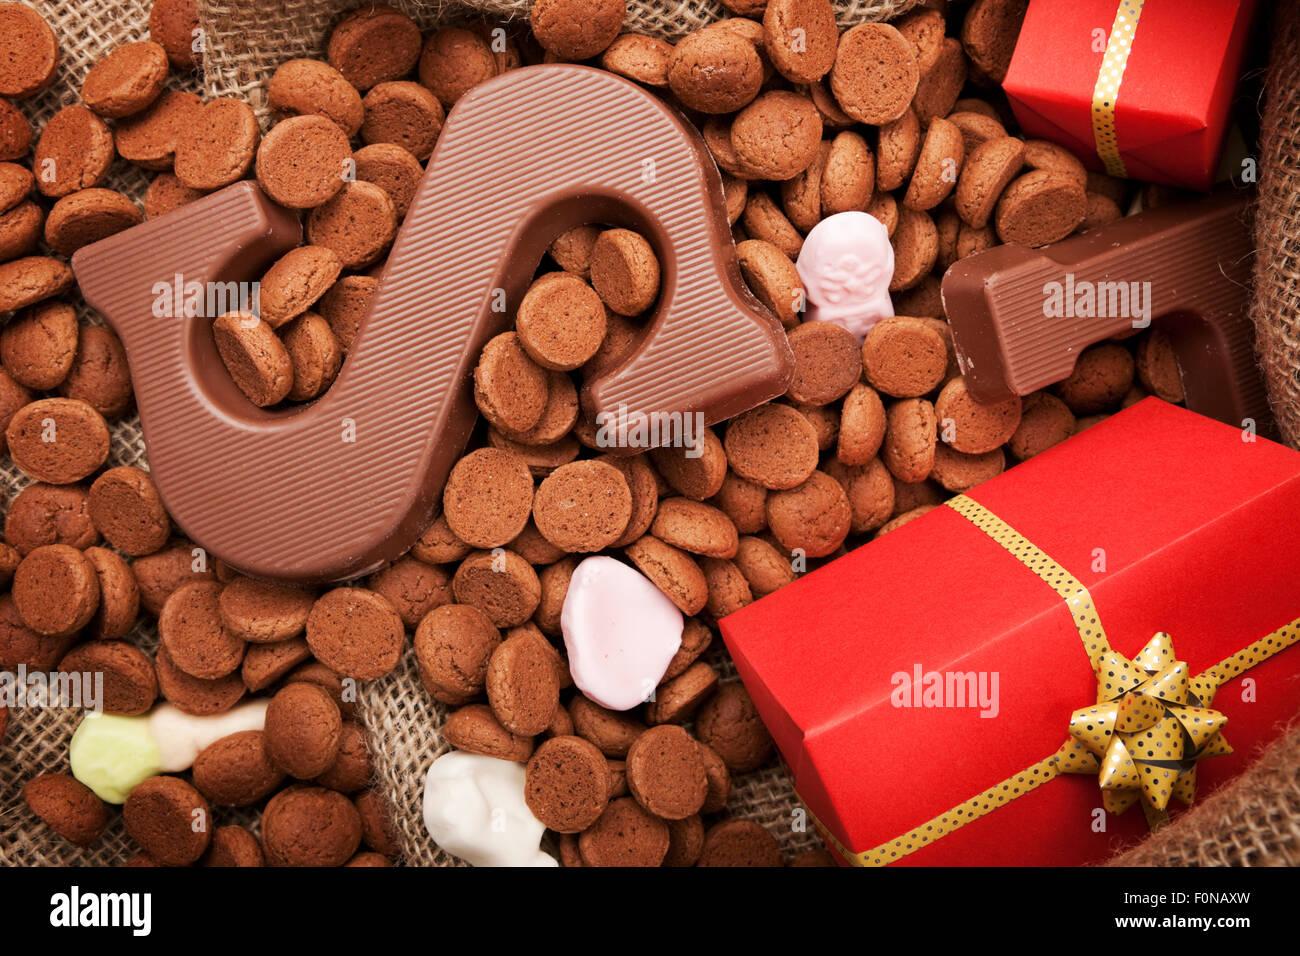 'De zak van Sinterklaas' (St. Nicholas') bolsa llena con 'pepernoten', una carta de chocolates Imagen De Stock